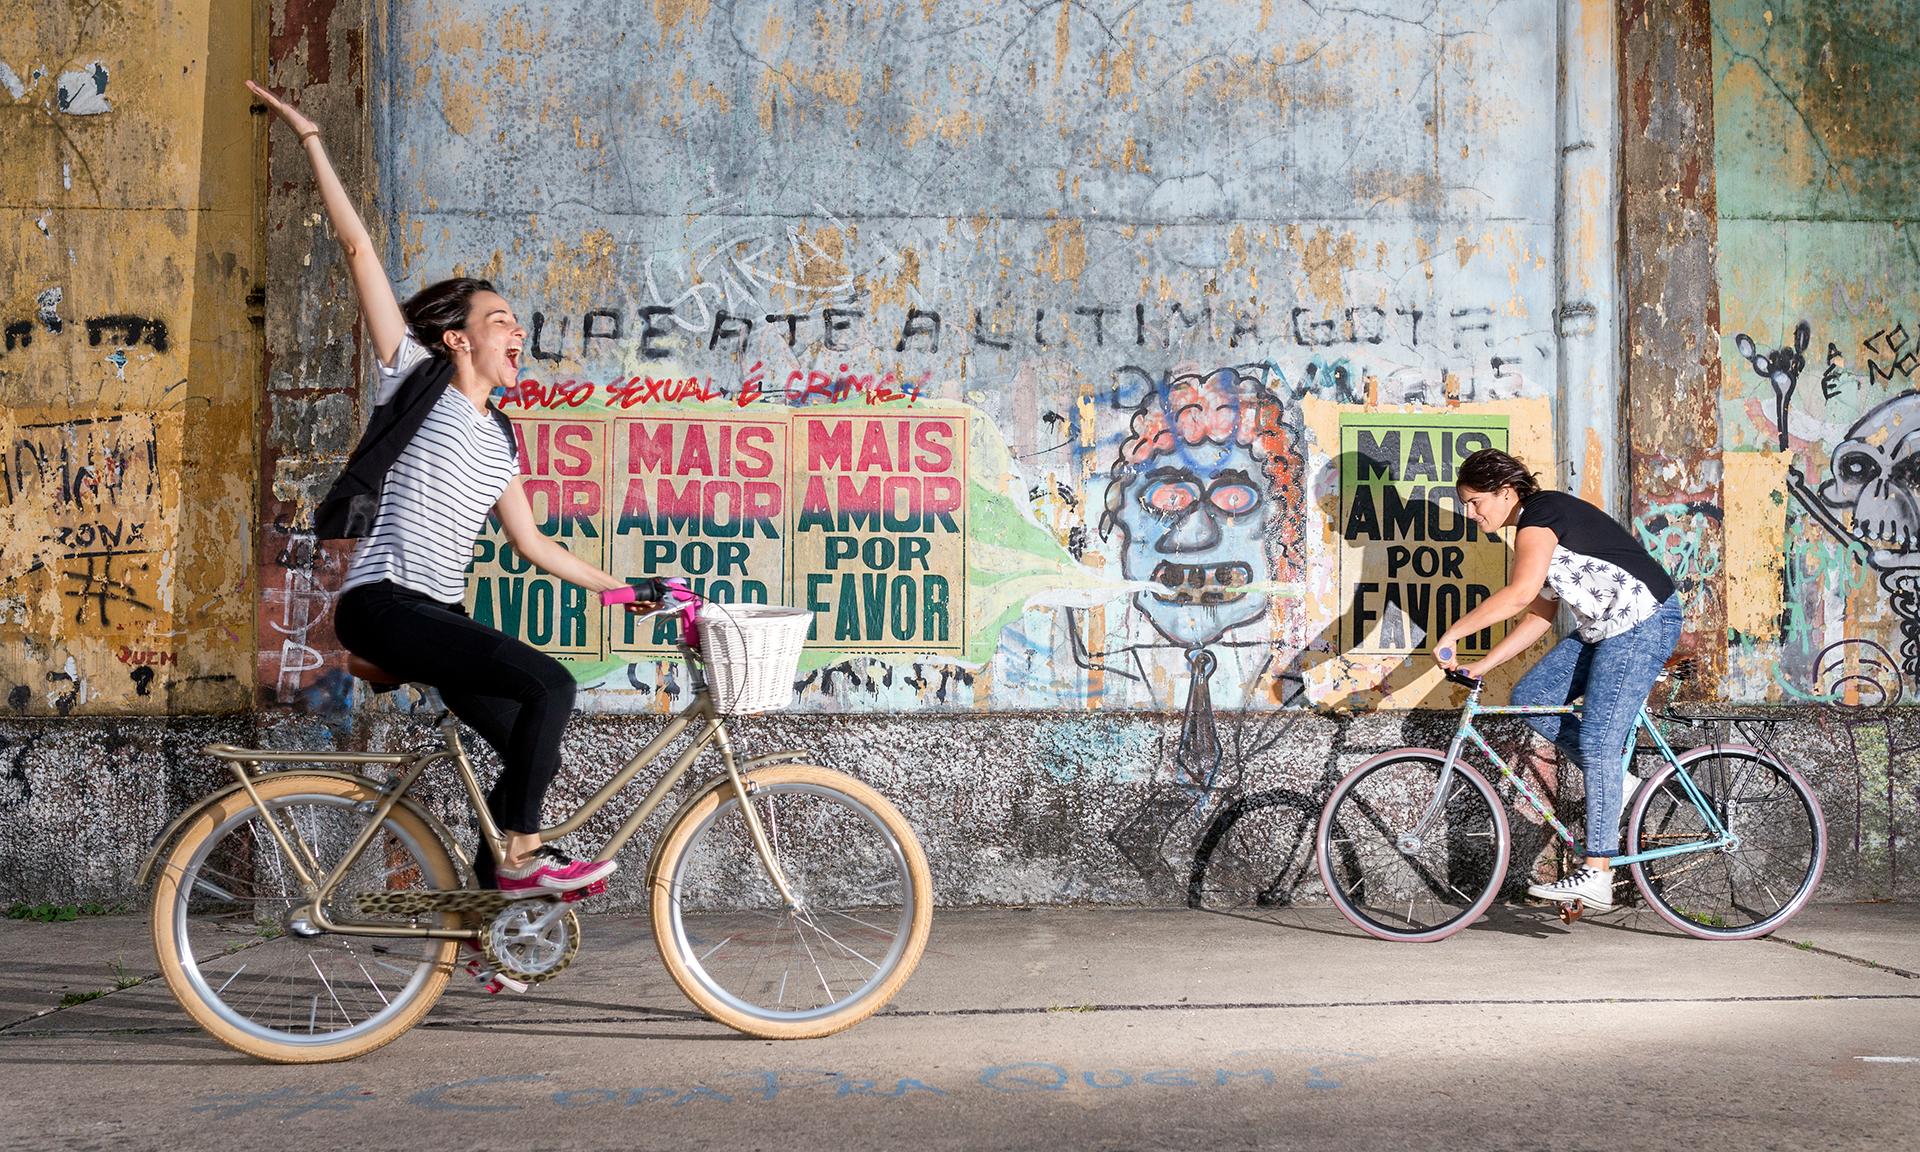 Maria Escorel e Patricia Quintella fundadoras da Reciclo Bikes, em Recife, Pernambuco